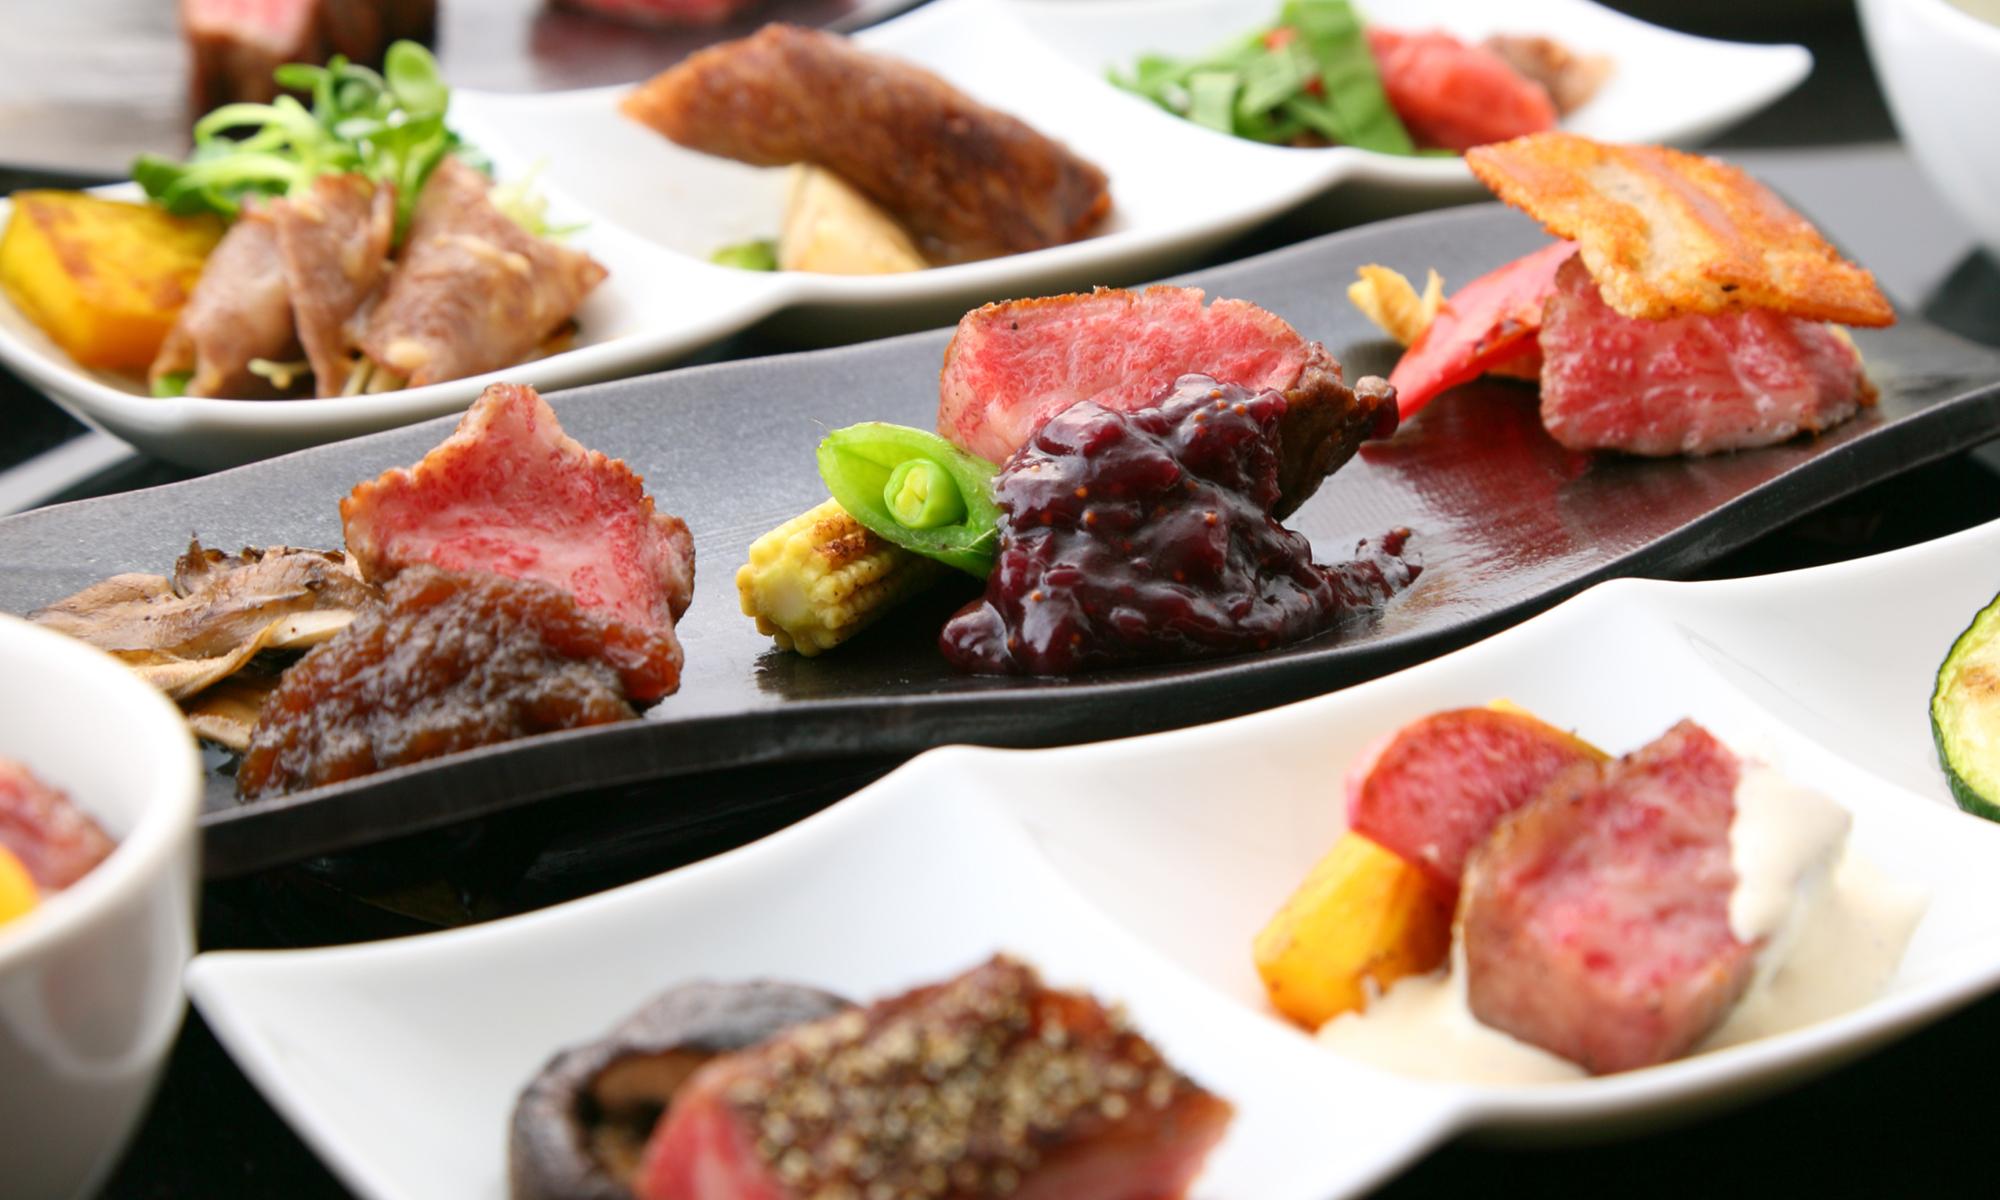 目で楽しみ舌で納得する繊細なコース料理